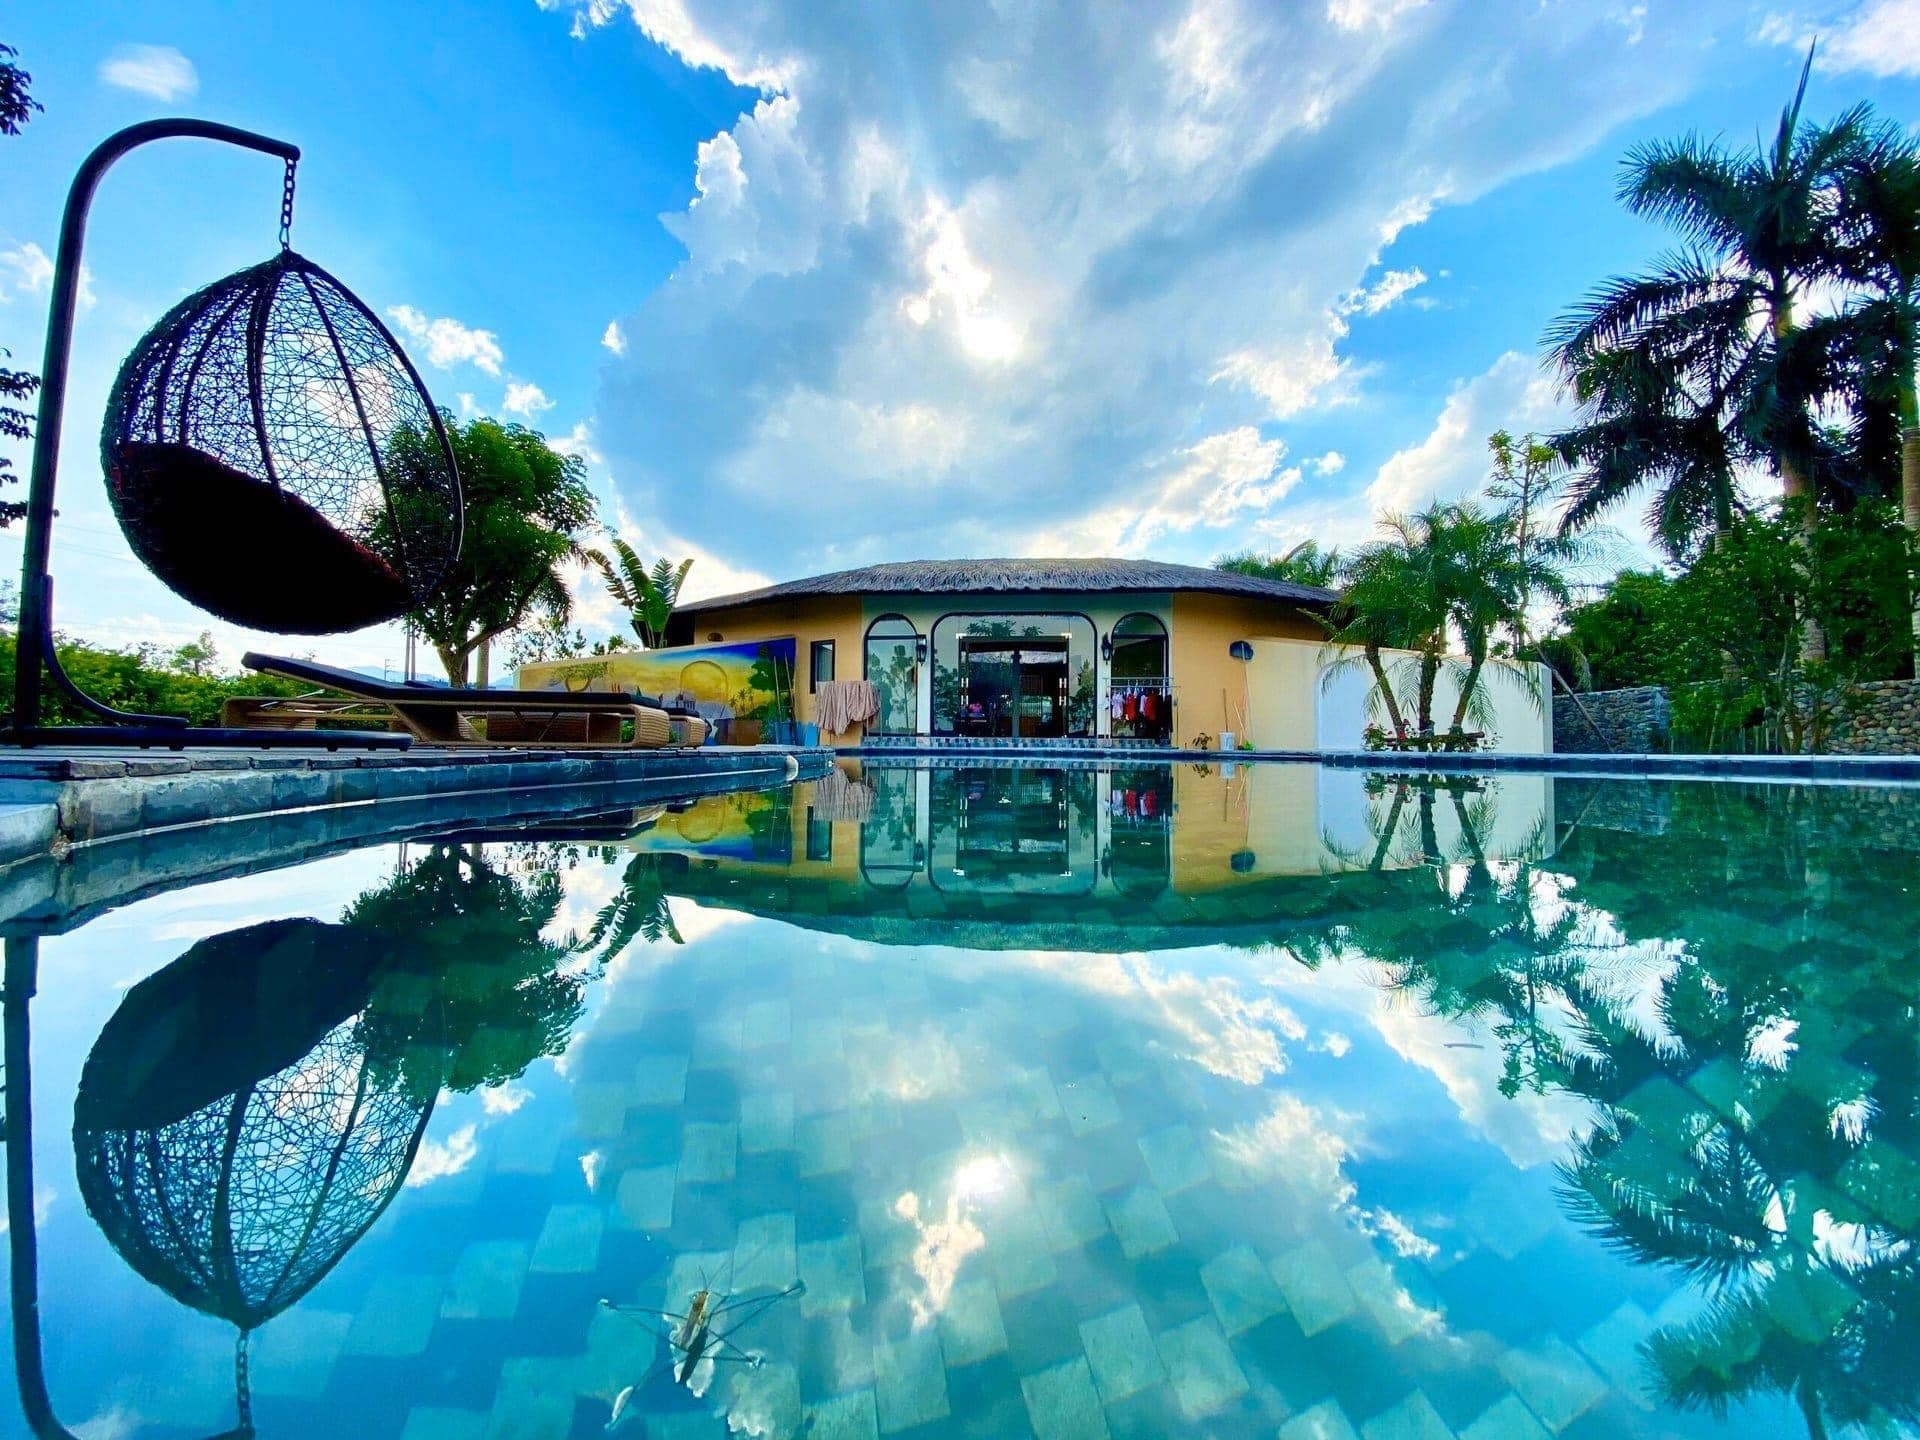 Vợ chồng Hà Nội về ngoại ô xây nhà mái lá, có đủ bể bơi xanh mát-5